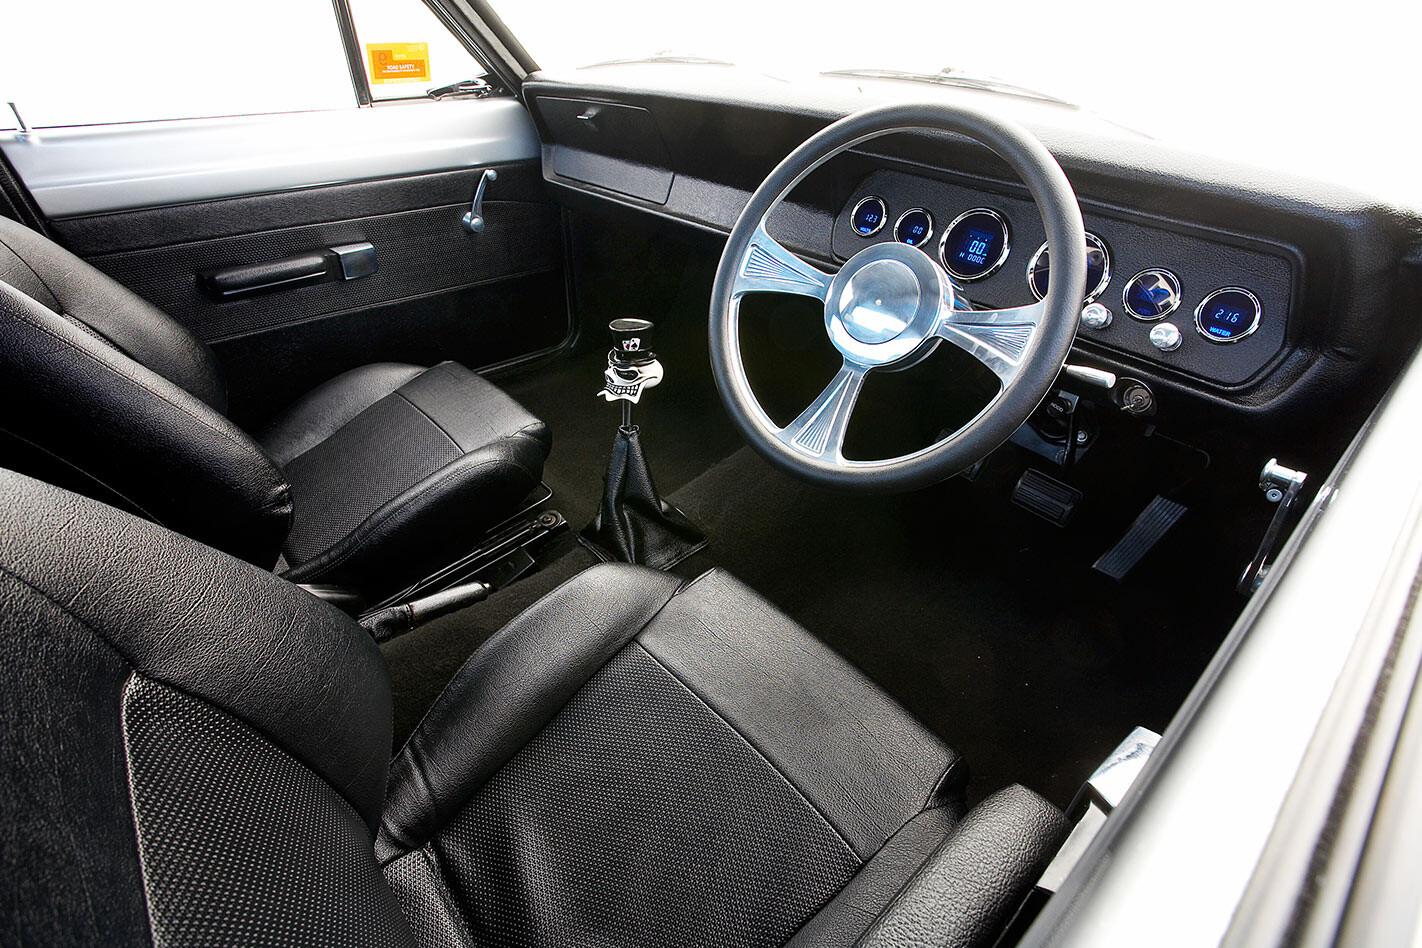 Chrysler VG Valiant ute interior